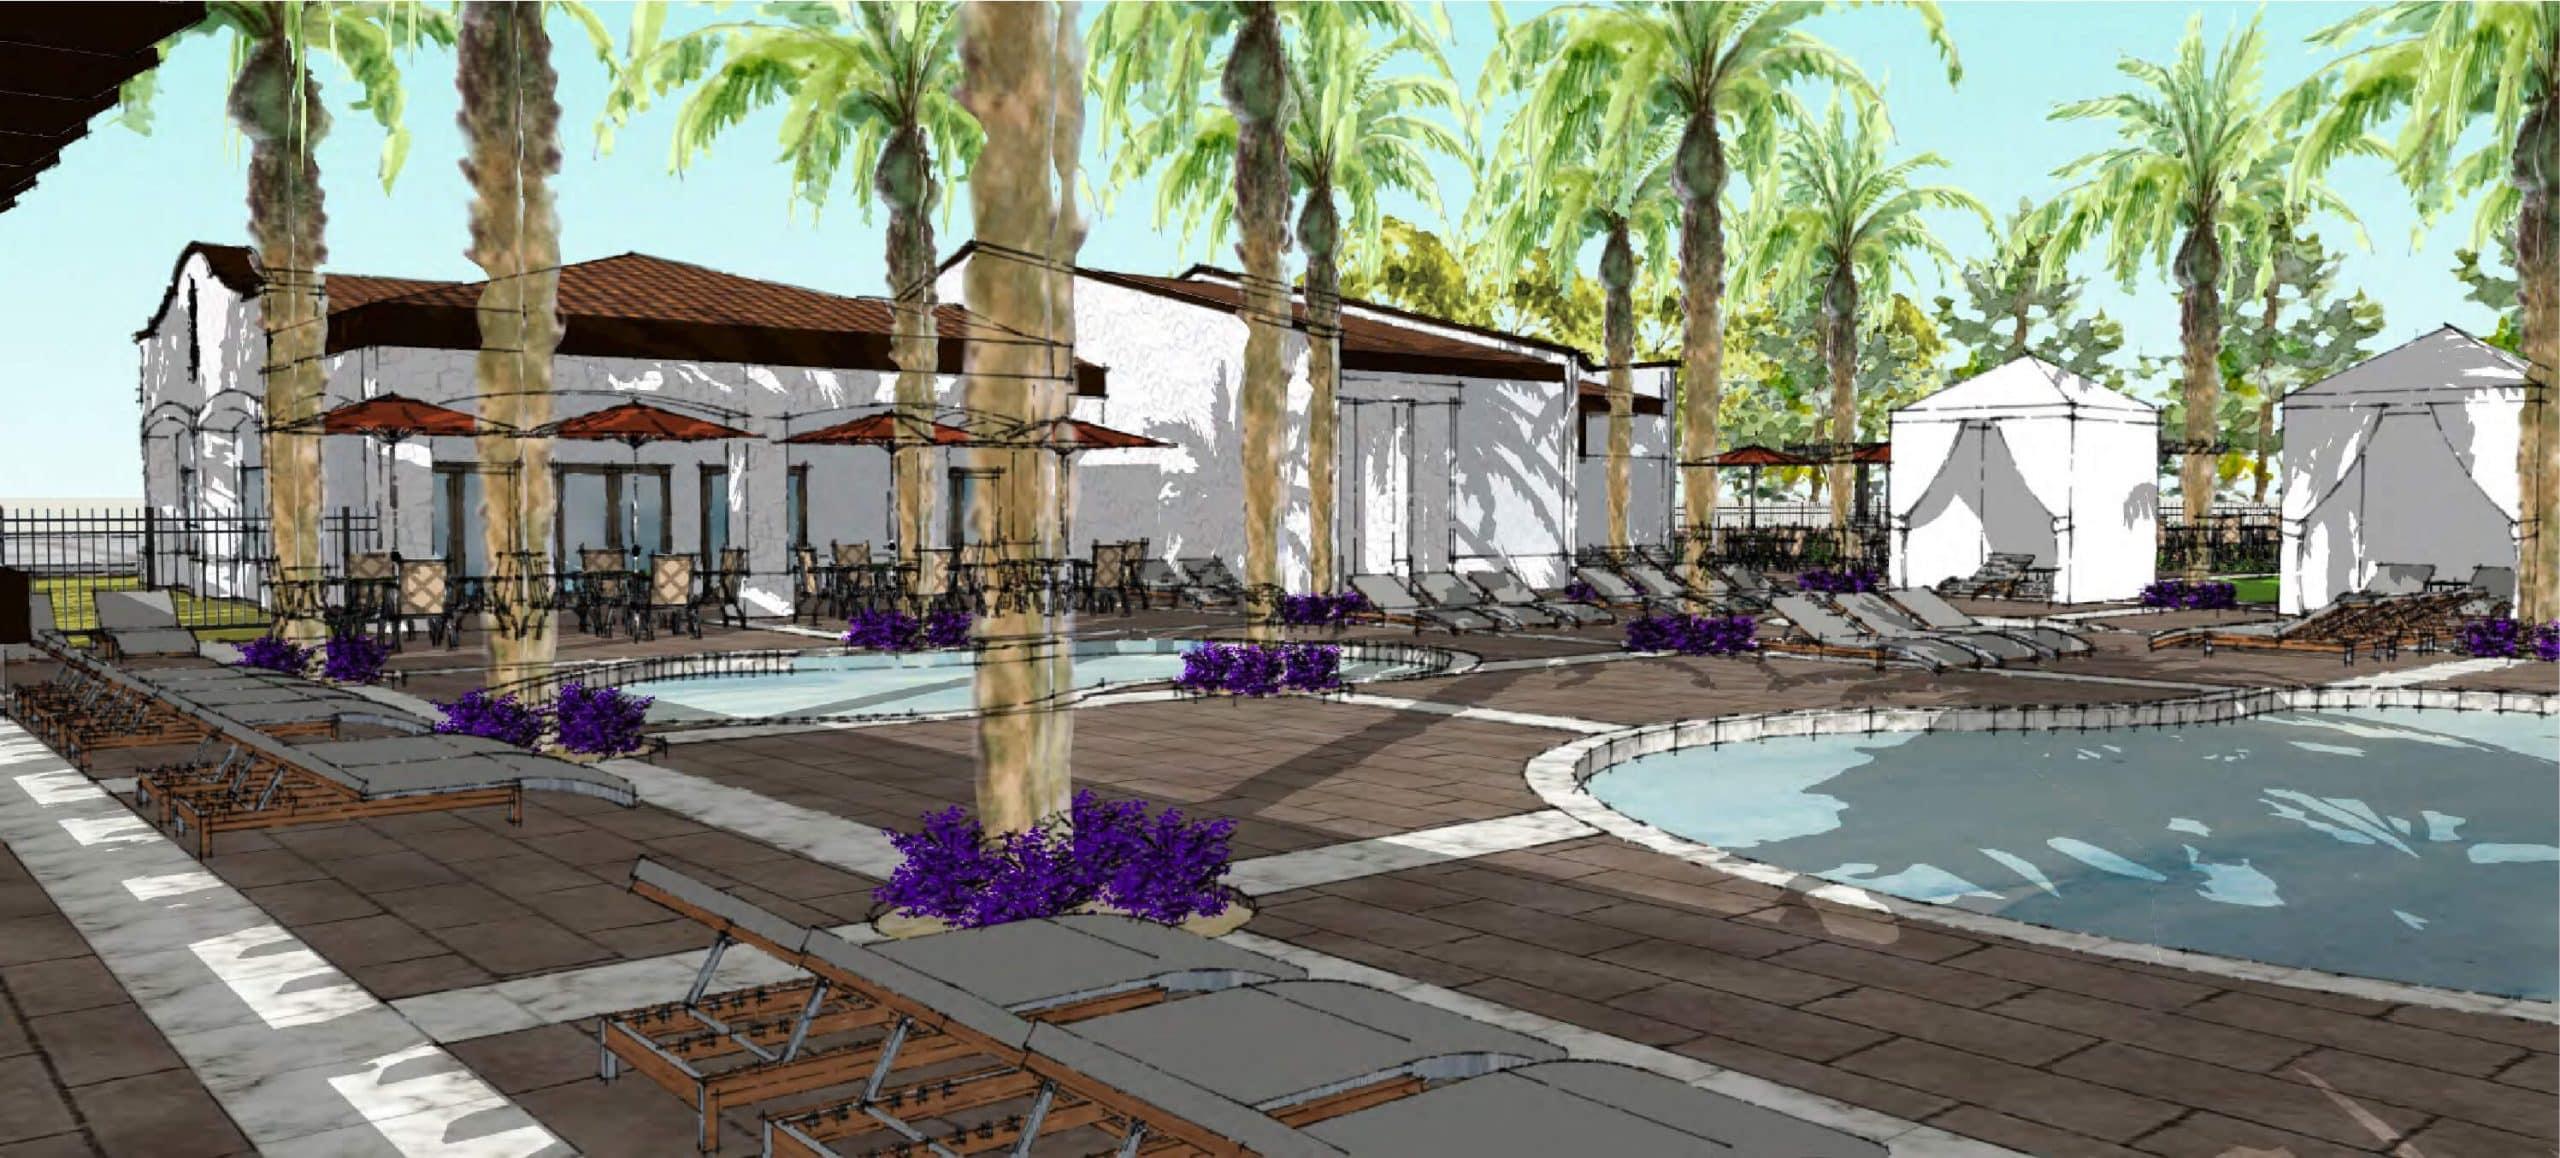 Palms Club Architecture Revision 2019 08 13 Part4 01